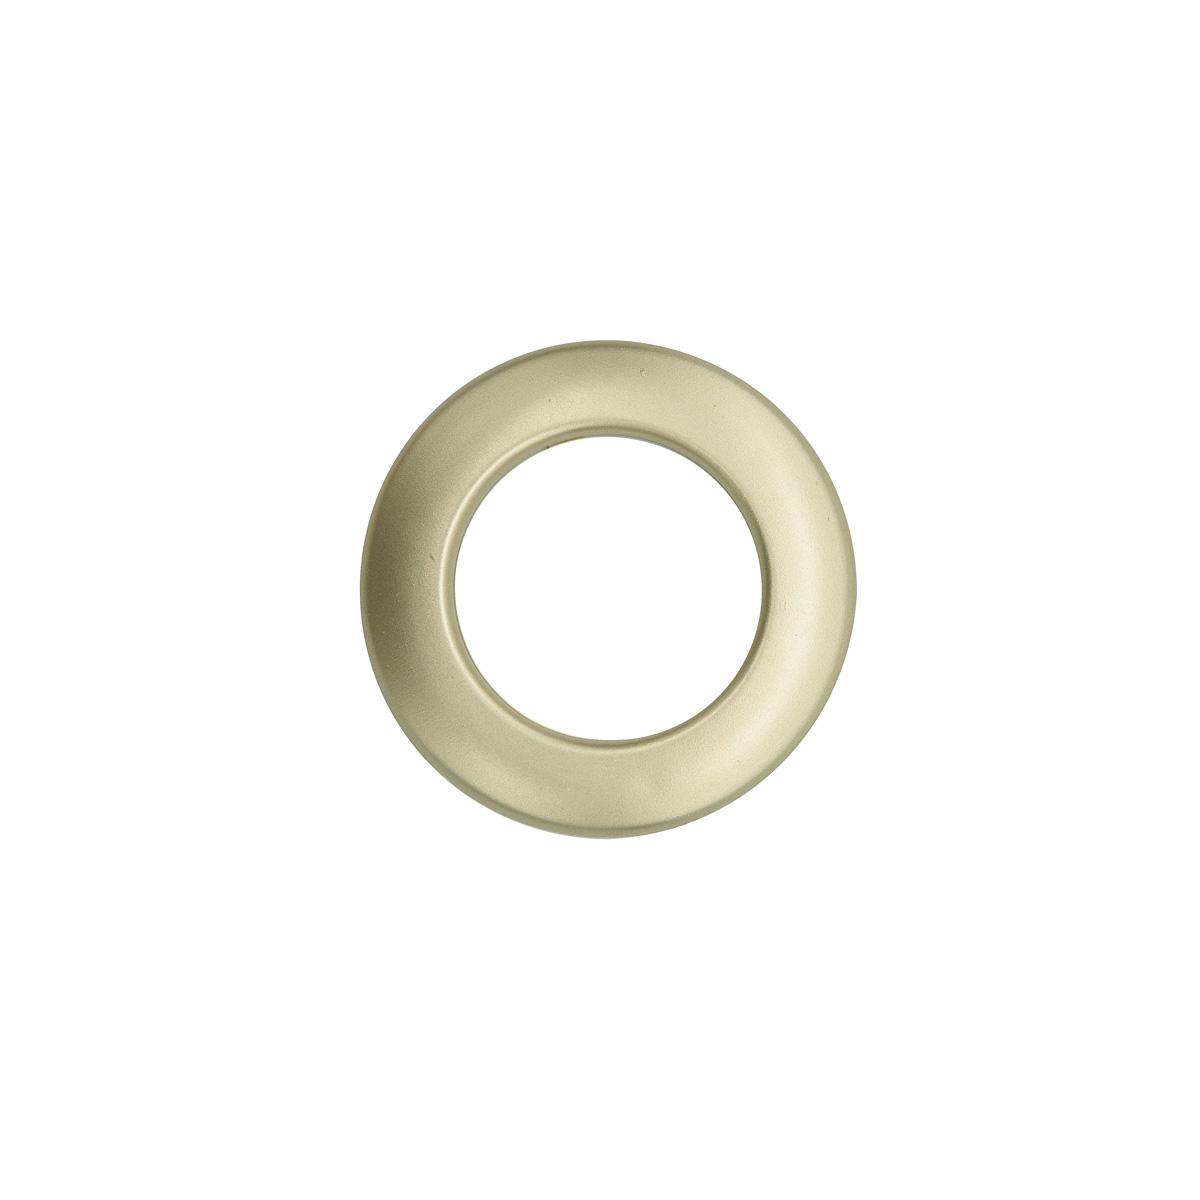 Люверс шторный, d 35 мм, мат. золото (13), упак./10 шт., Belladonna